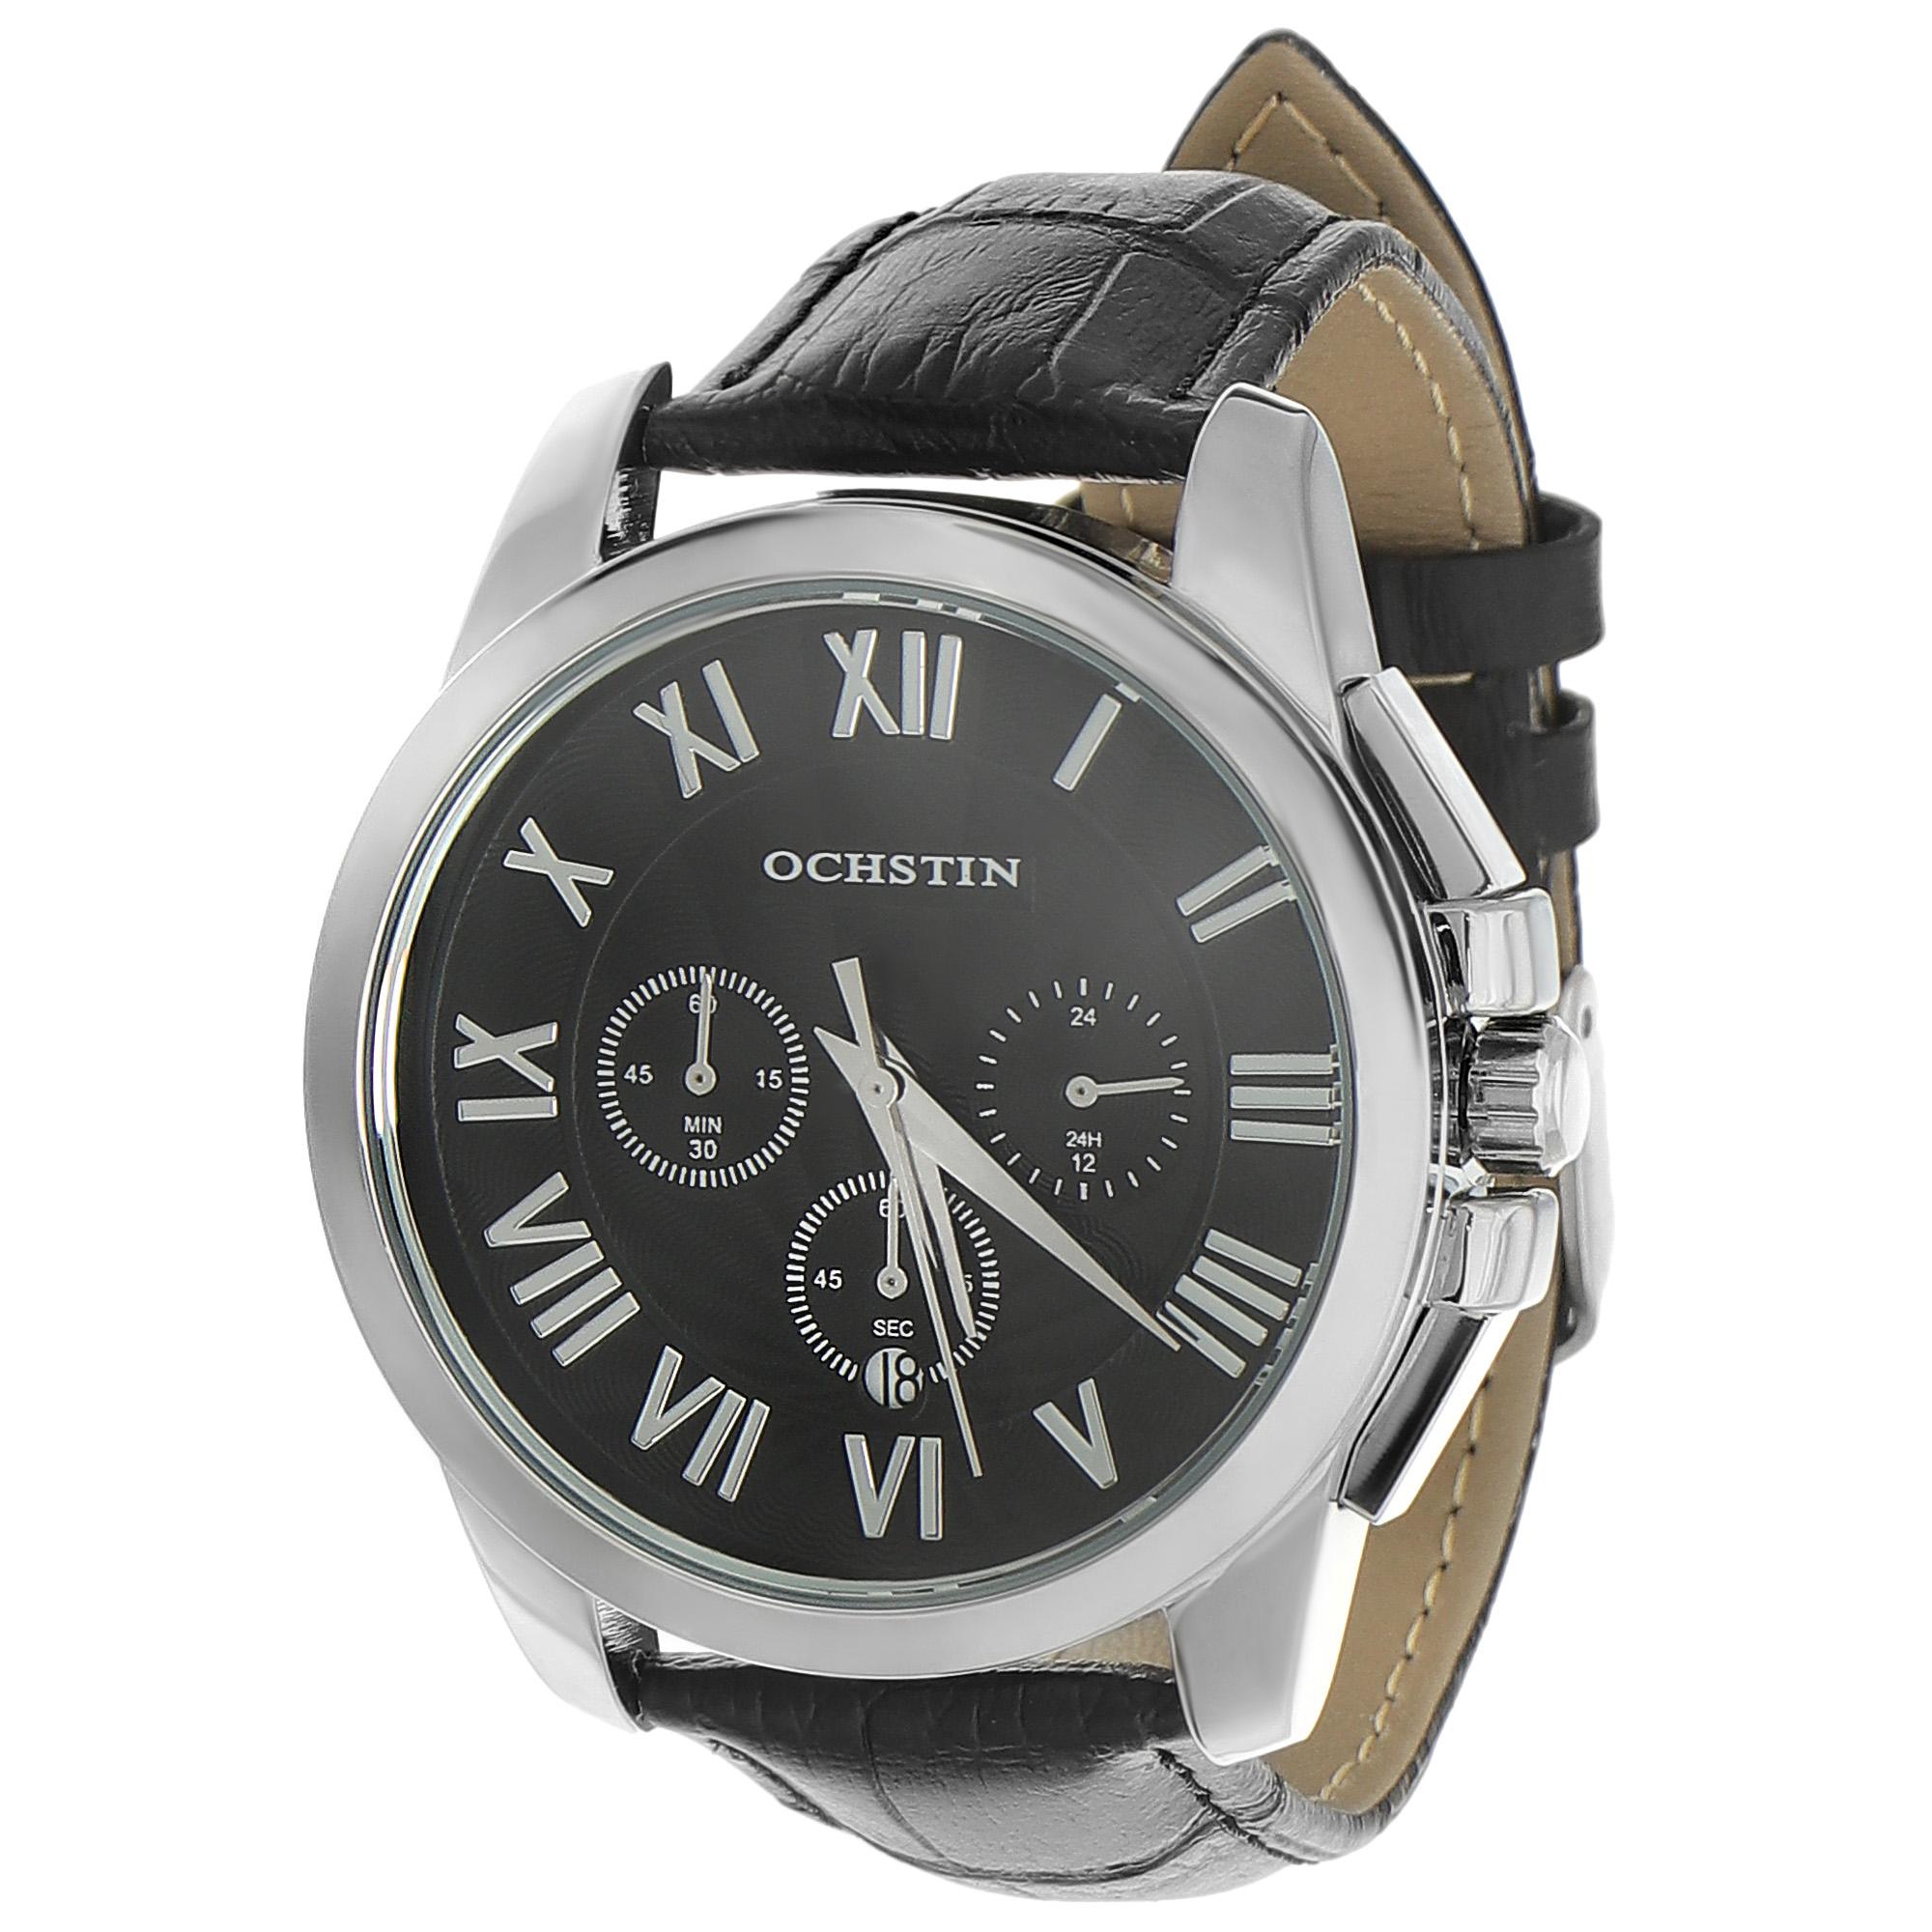 Часы наручные Ochstin AGSD381901 часы наручные shiyi watch ochstin agsda050119